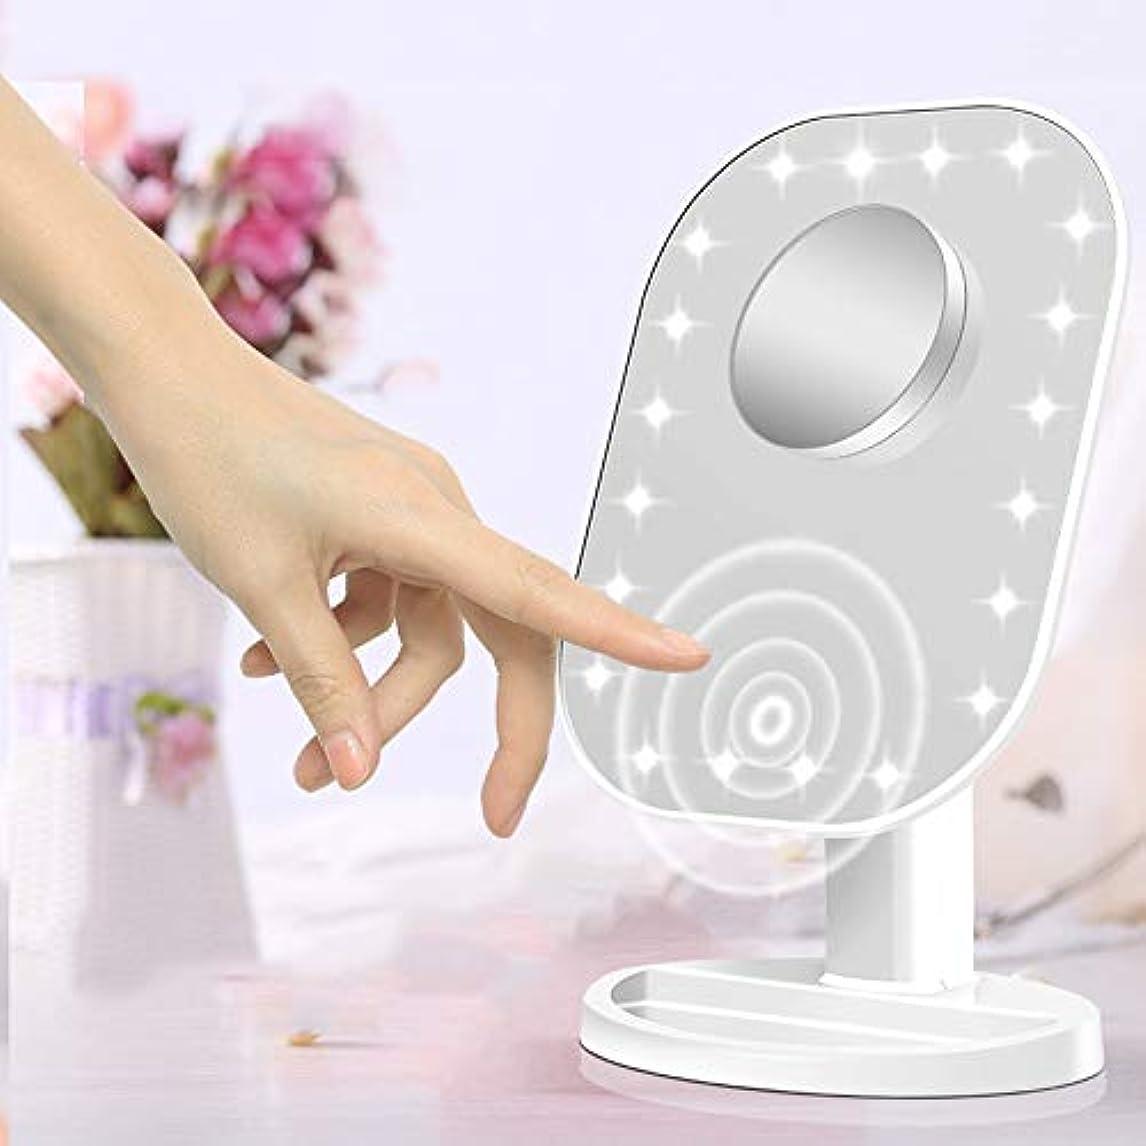 クリーナー意図的引き受ける流行の 新しいデスクトップクリエイティブタッチセンサーled化粧鏡10倍拡大美容化粧鏡フィルライト化粧鏡ピンクホワイト (色 : Pink)